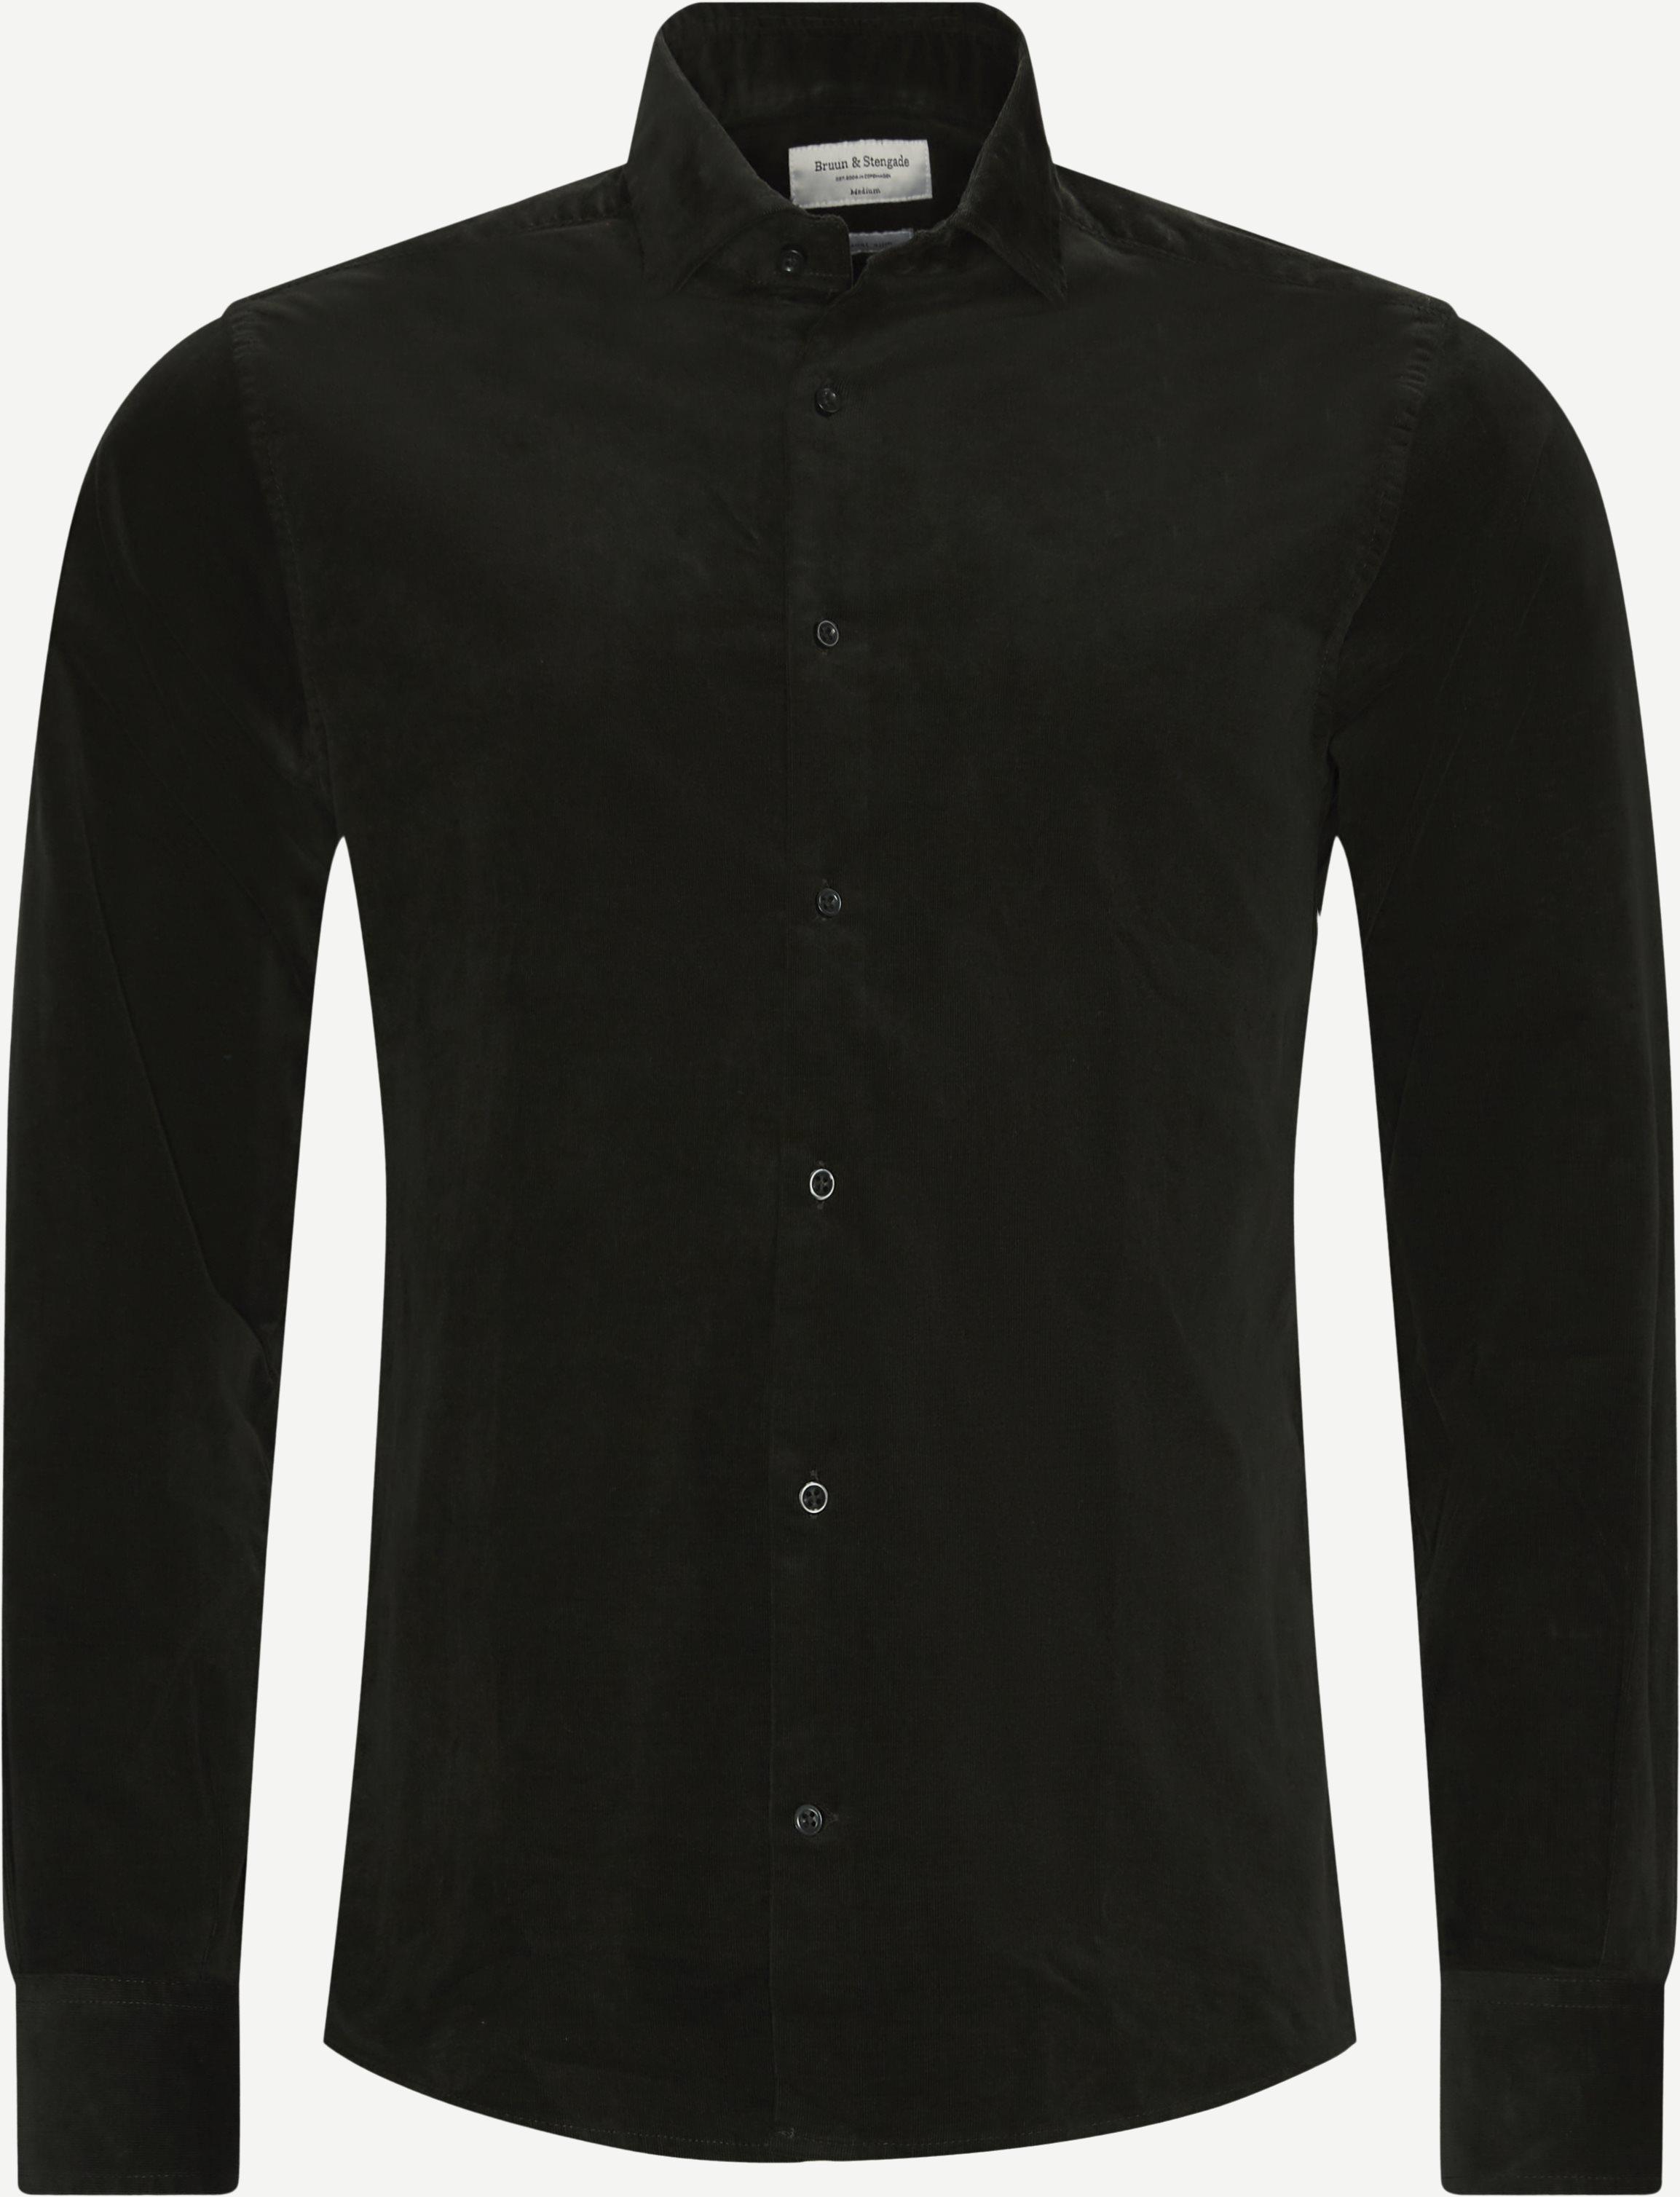 Kyoto Shirt - Skjortor - Regular slim fit - Grön